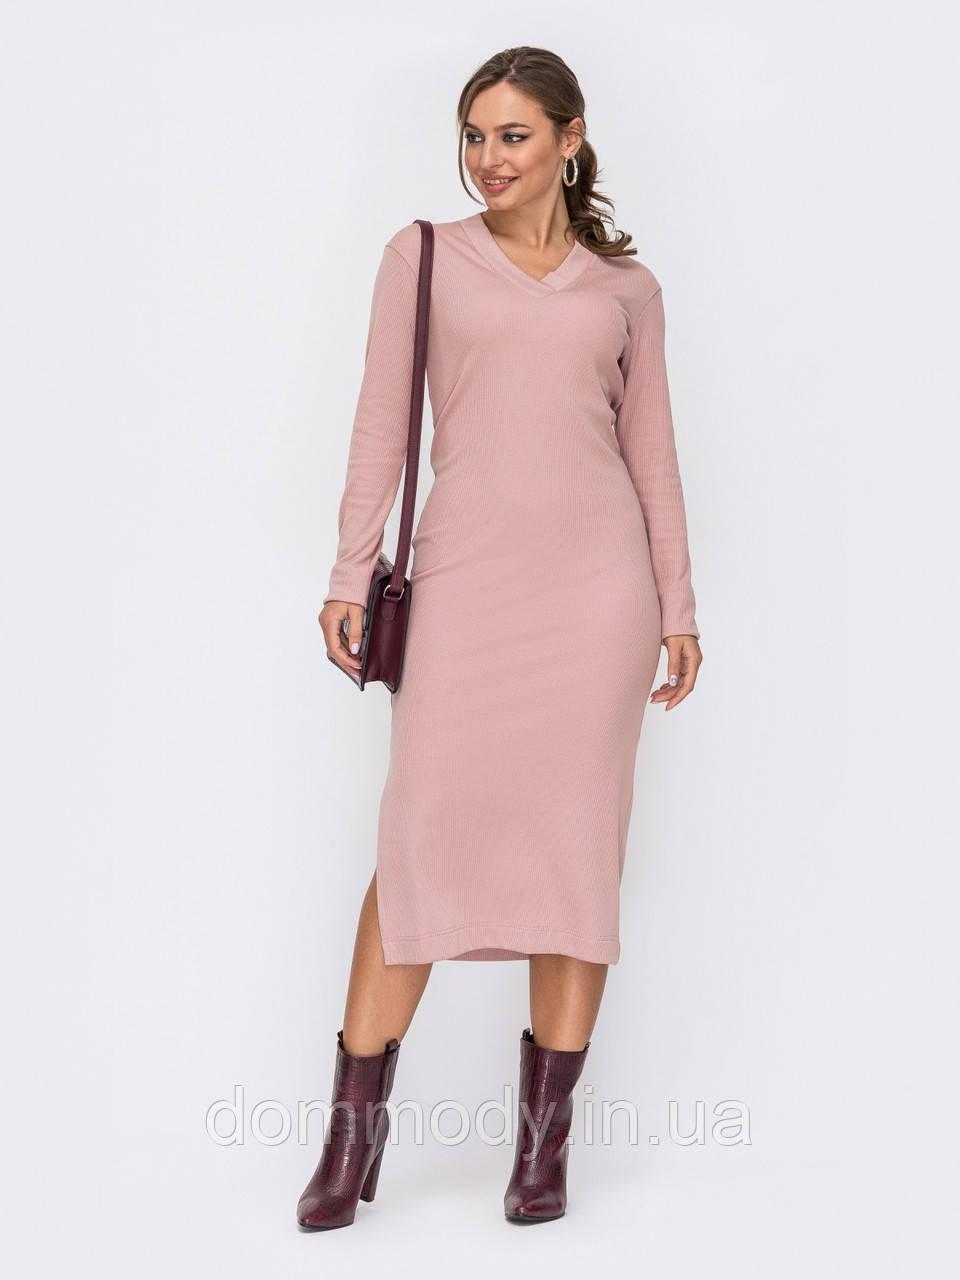 Платье женское Simple elegance powdery